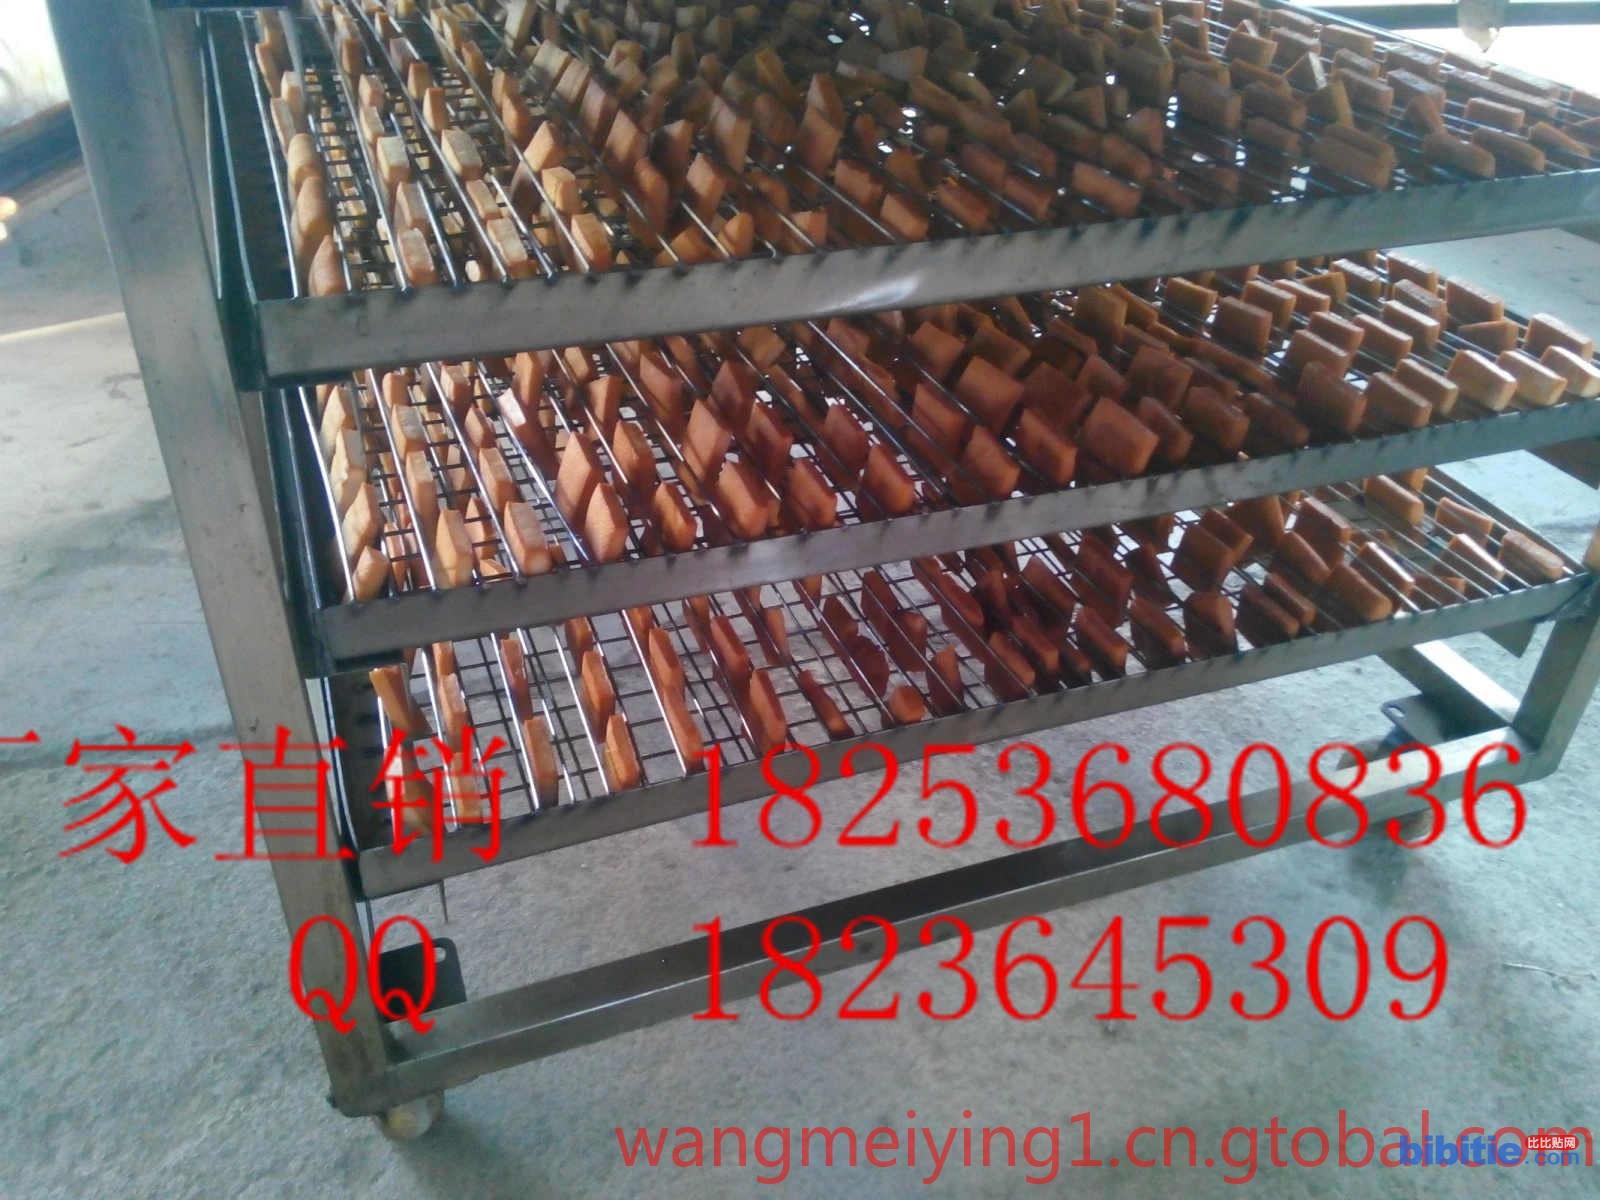 烟熏炉,香肠烟熏炉价格,香肠烟熏炉图片